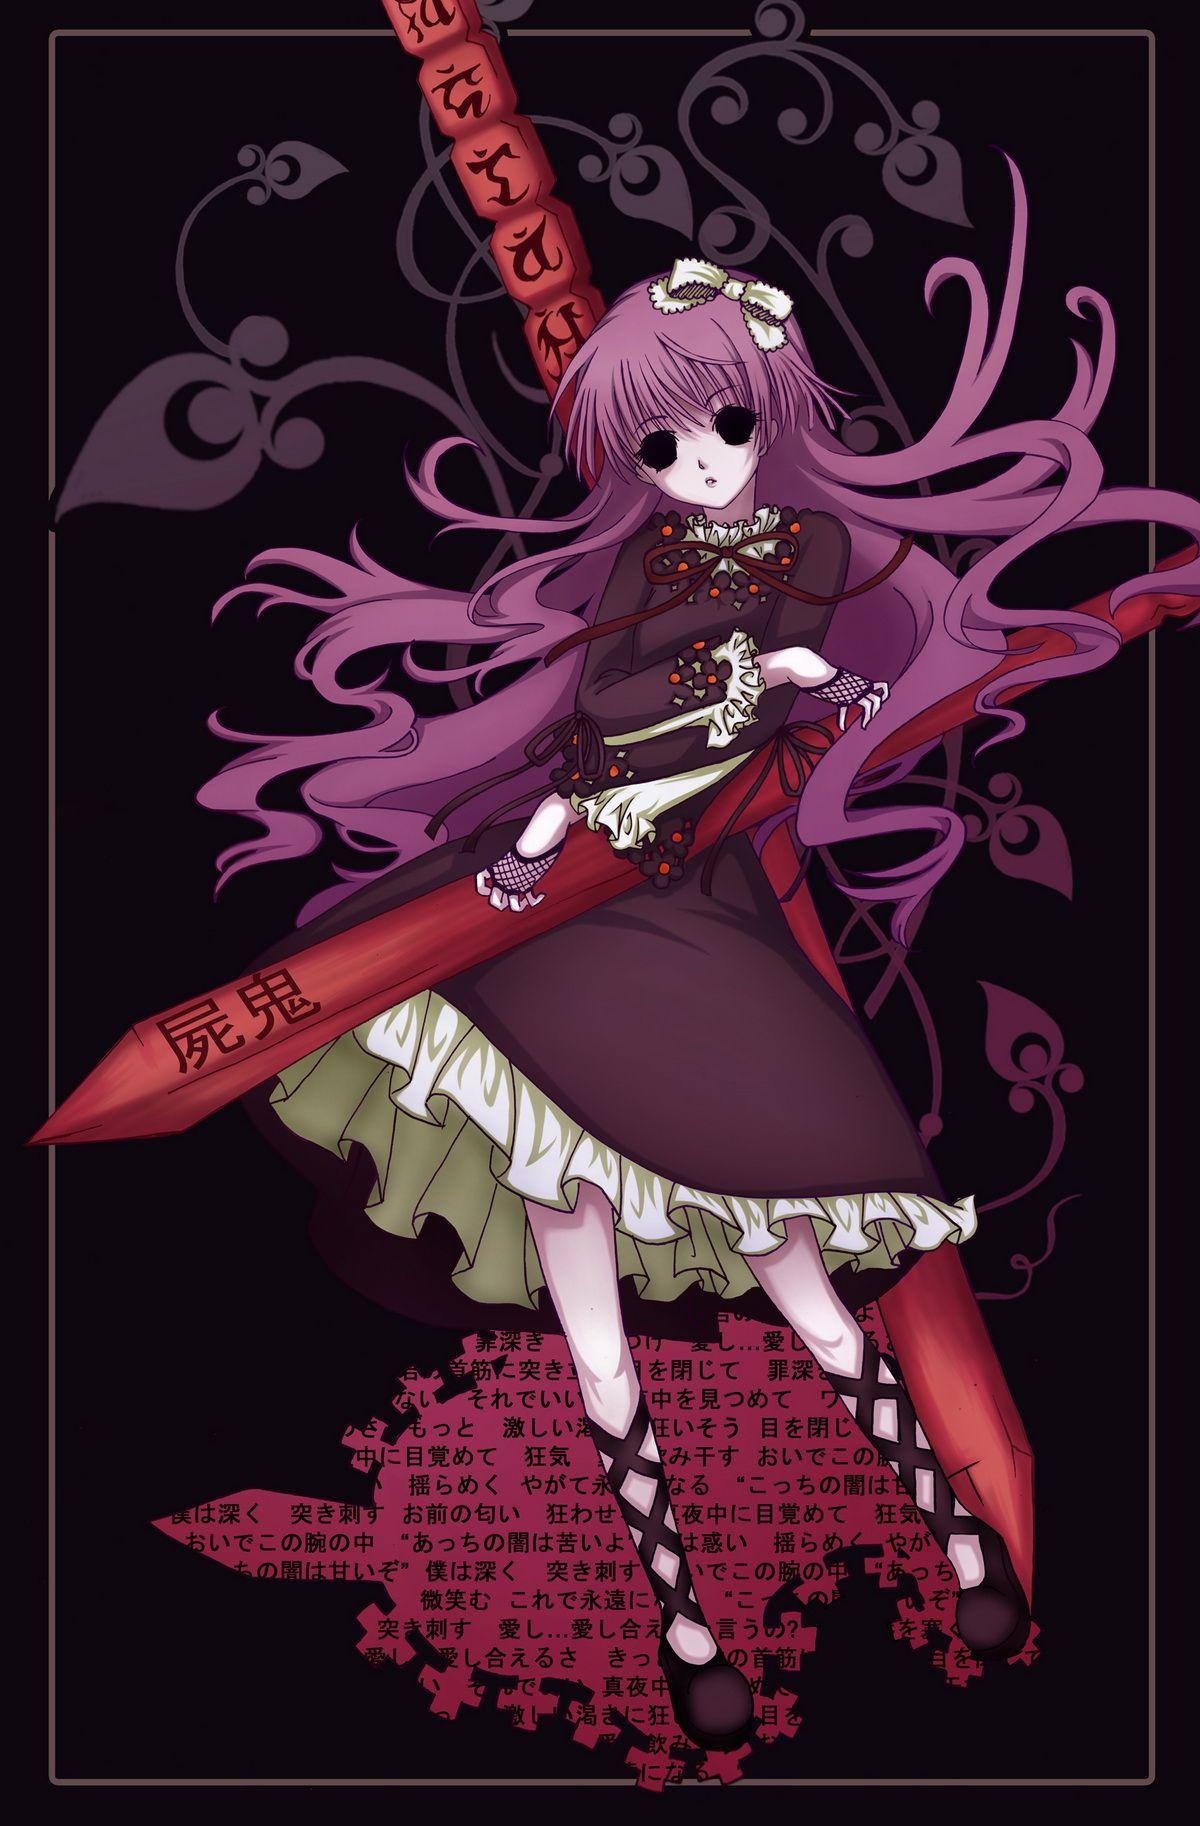 sunako kirishiki shiki one of the best horror anime that i have